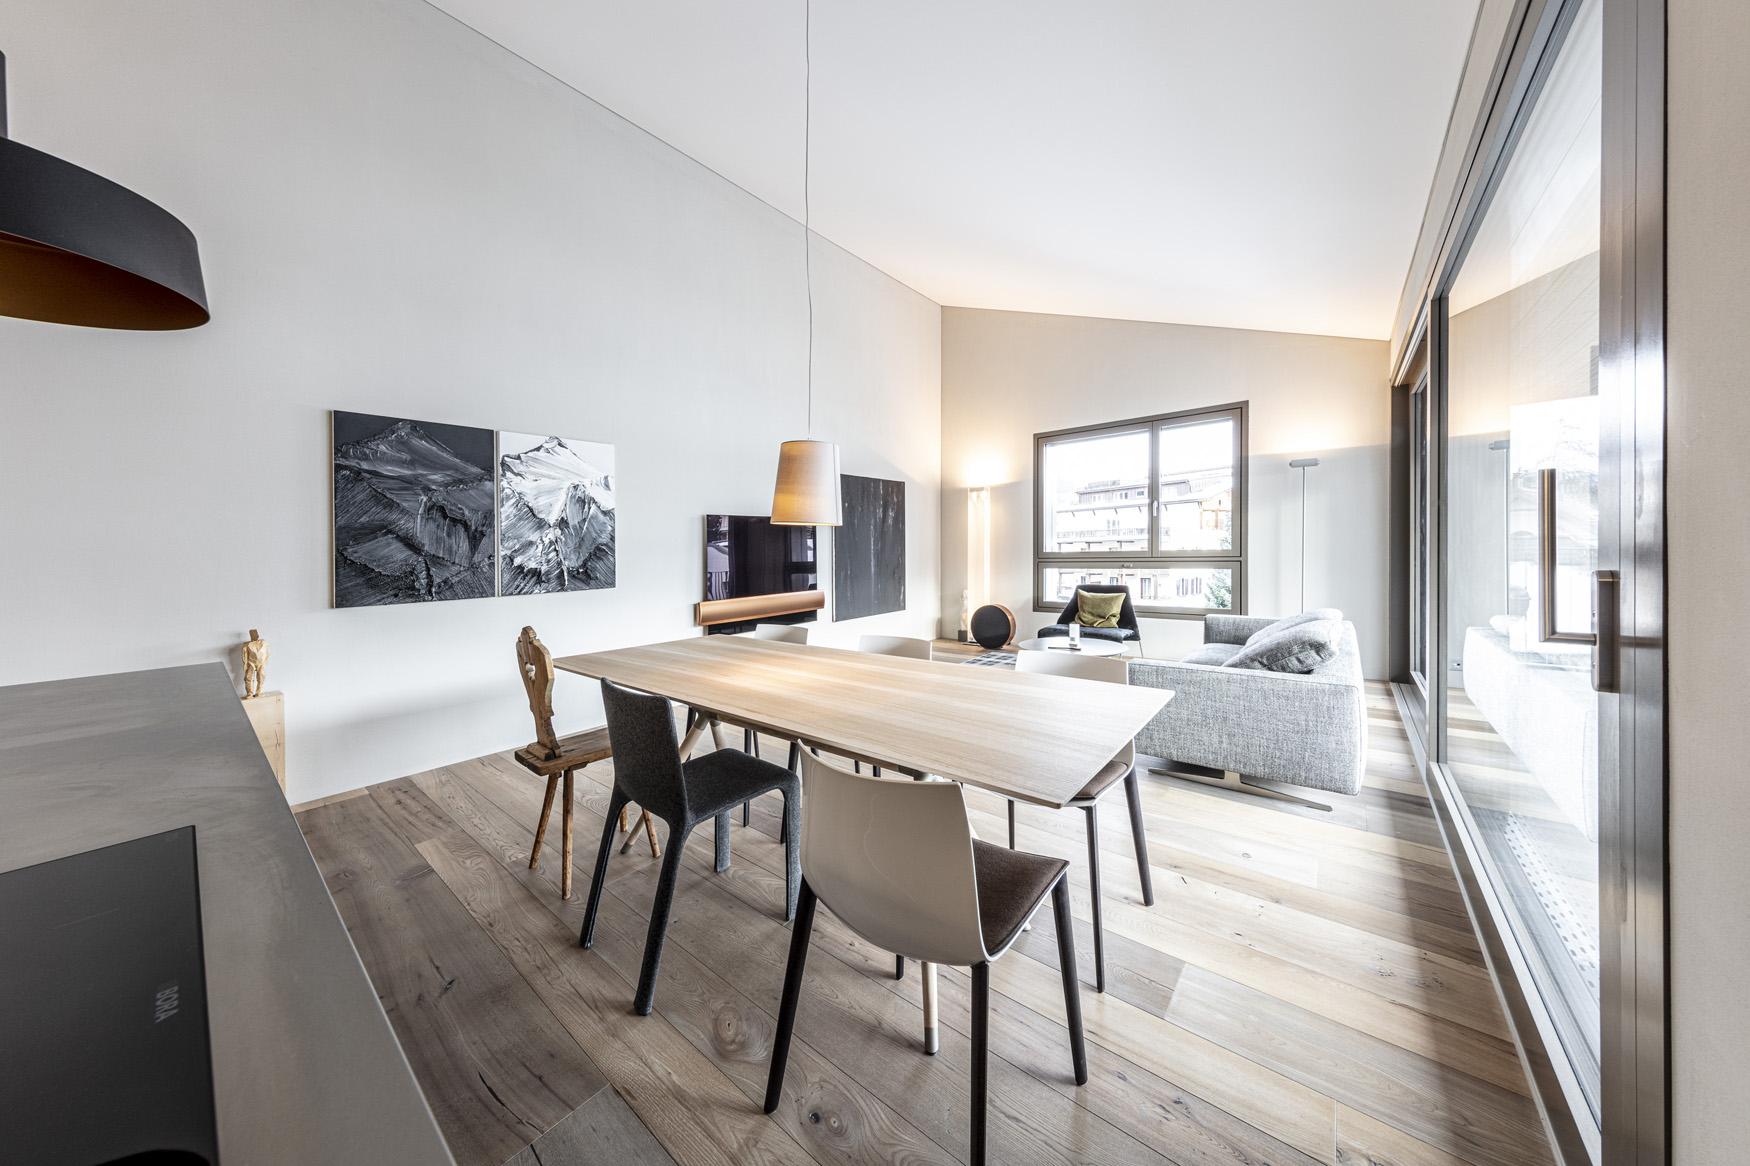 Mehrfamilienhaus Flims 2018